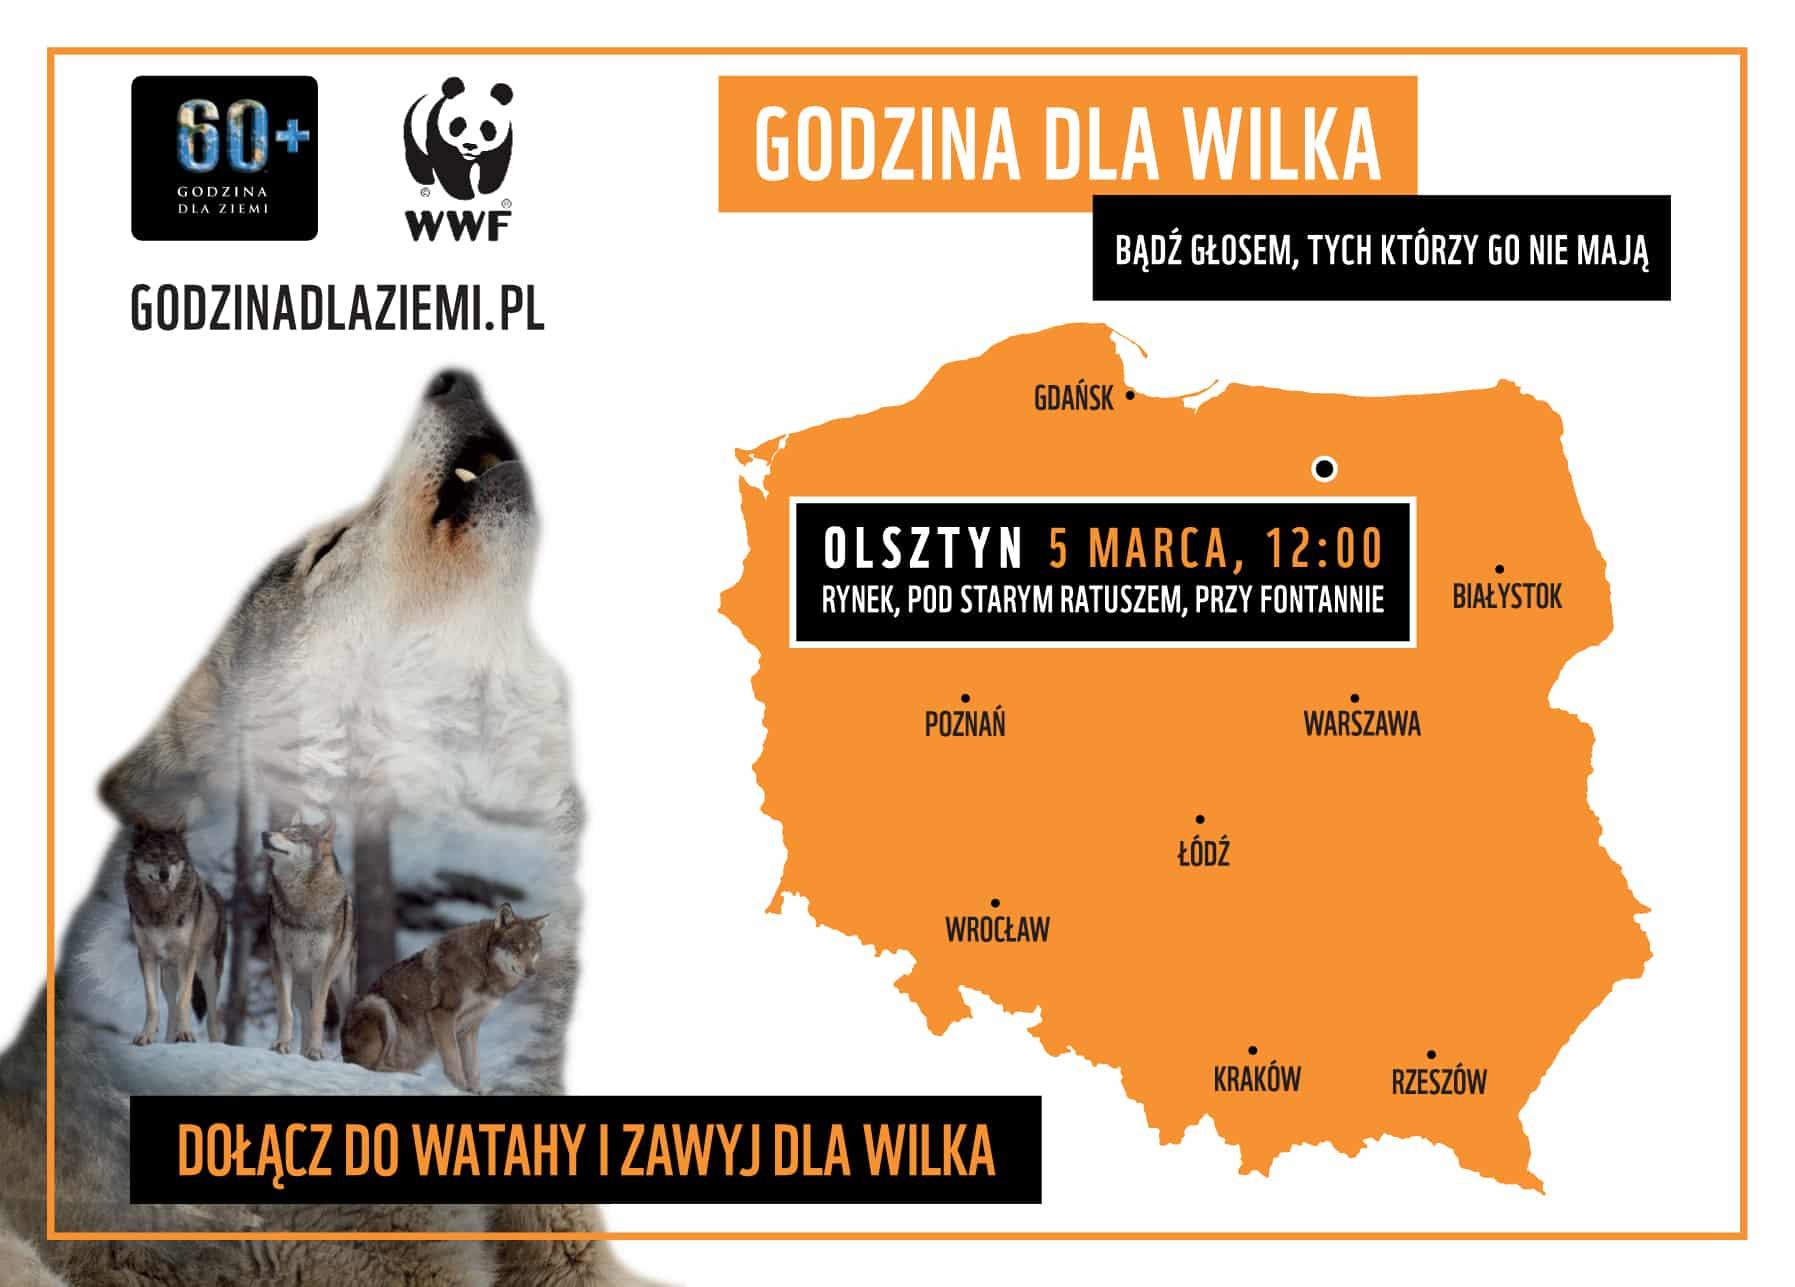 olsztyn - zawyj dla wilka5